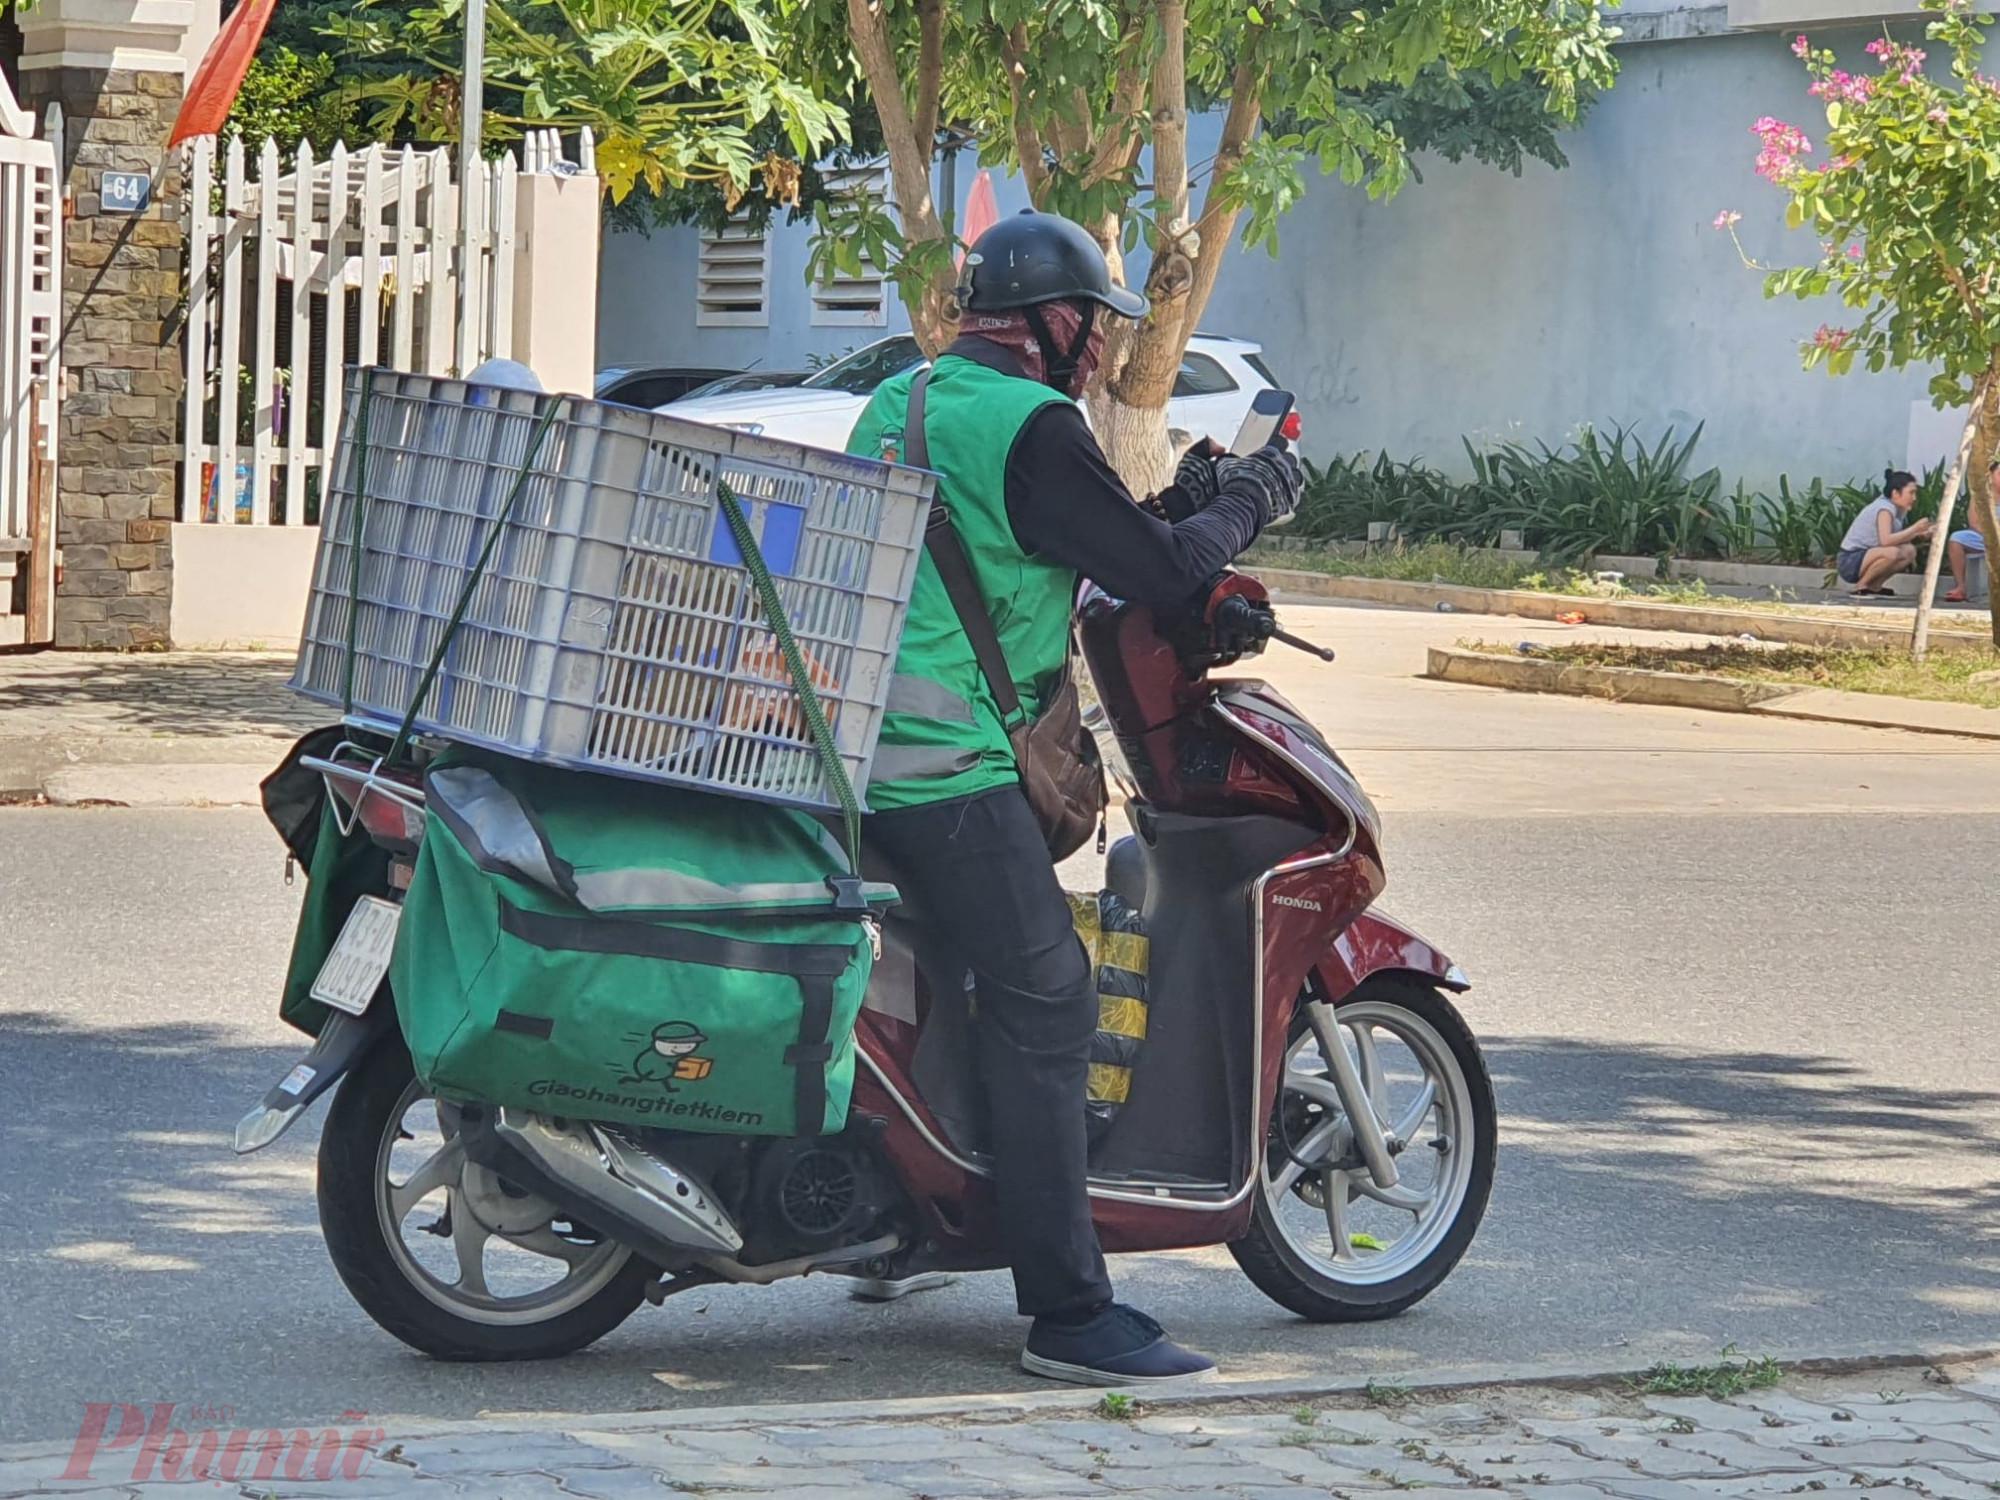 Để được hoạt động trở lại, Đà Nẵng yêu cầu chủ phương tiện và đơn vị cung cấp phần mềm phải tuân thủ quy định phòng chống dịch